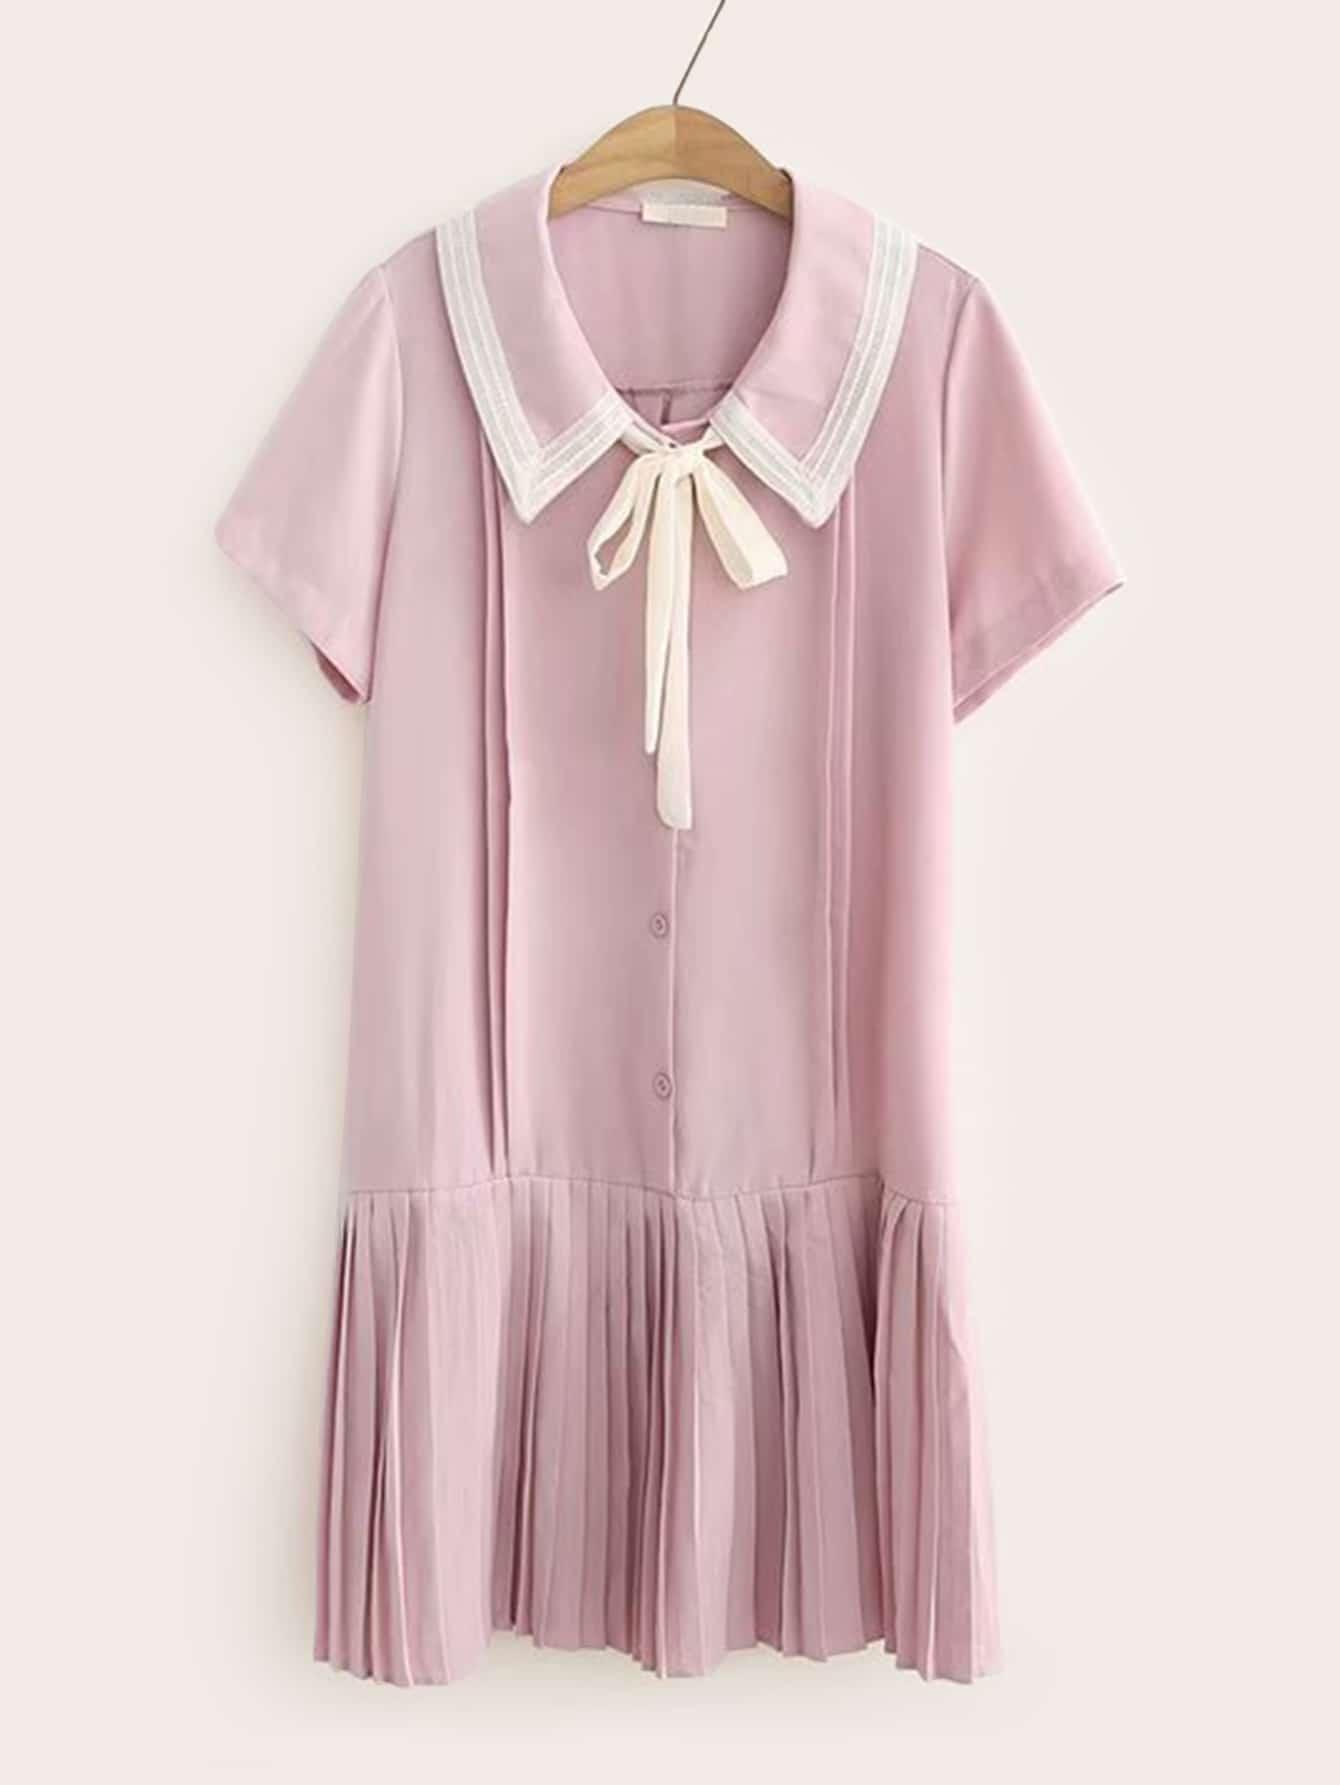 Фото - Платье со складками и воротником-бантом от SheIn цвет розовые